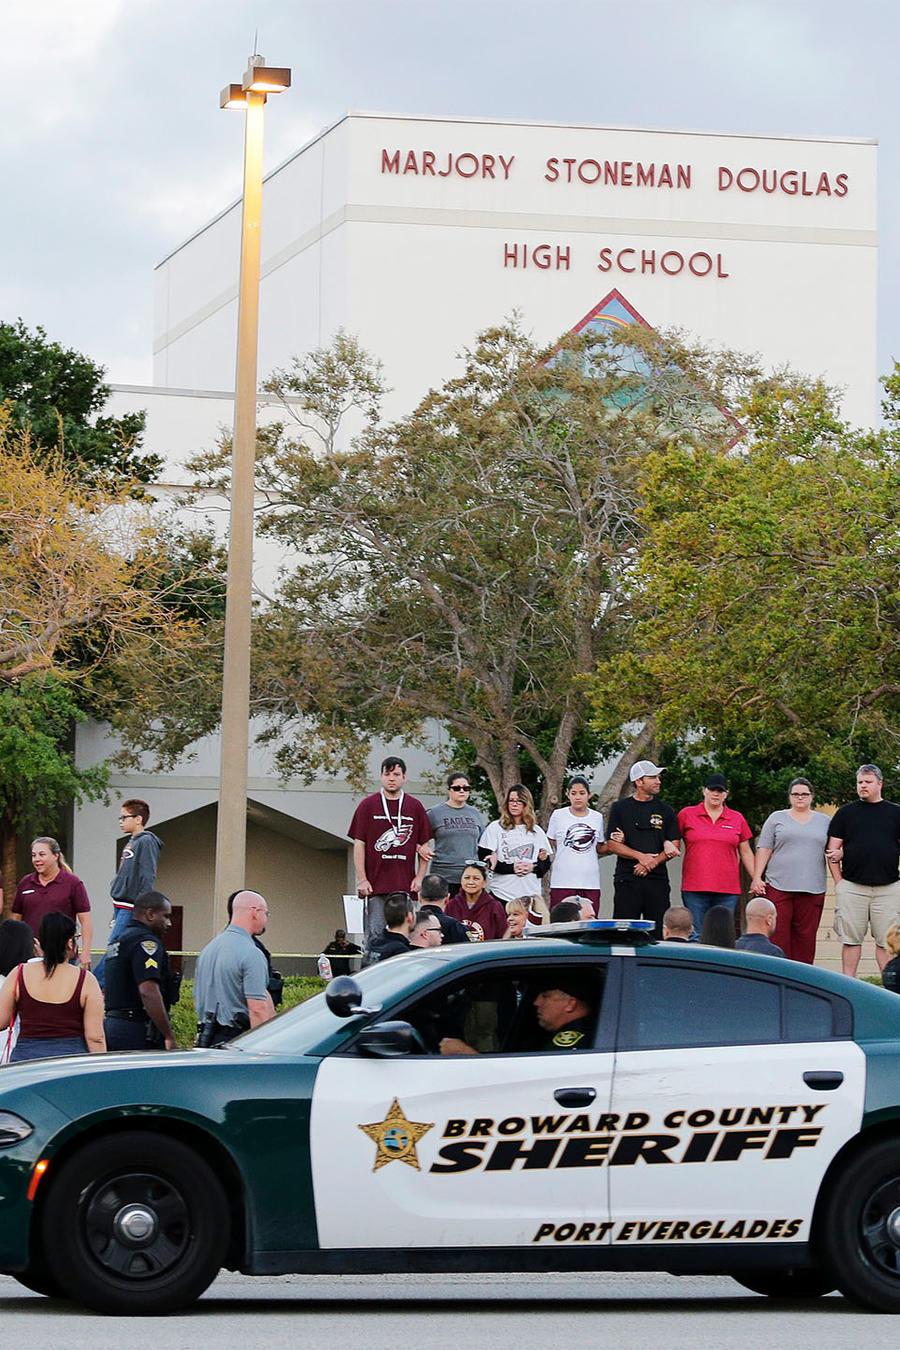 Carro de policía frente a la escuela Marjory Stoneman Douglas.